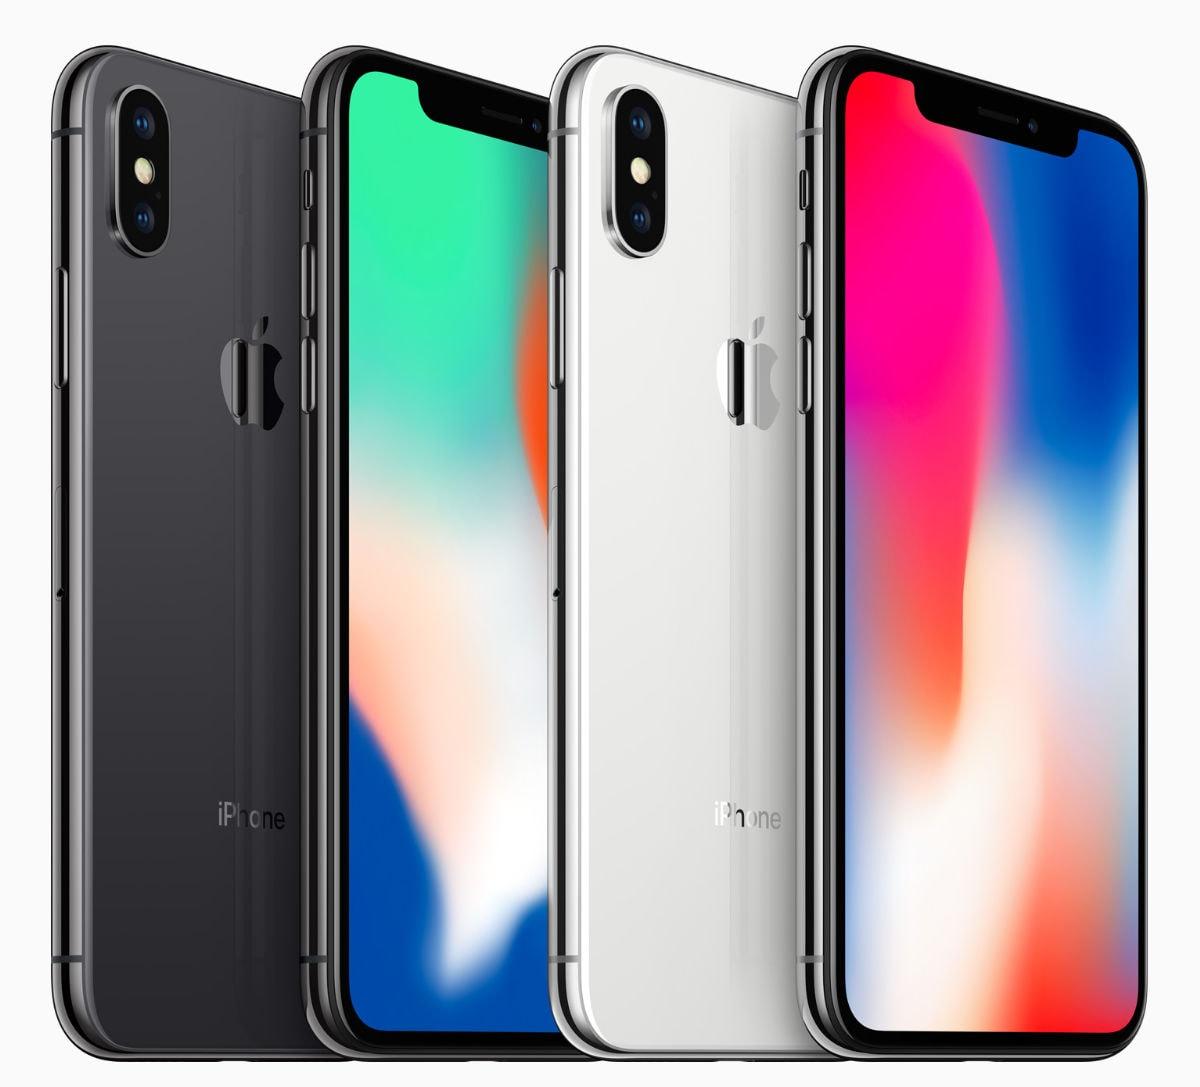 IPhoneX lineup